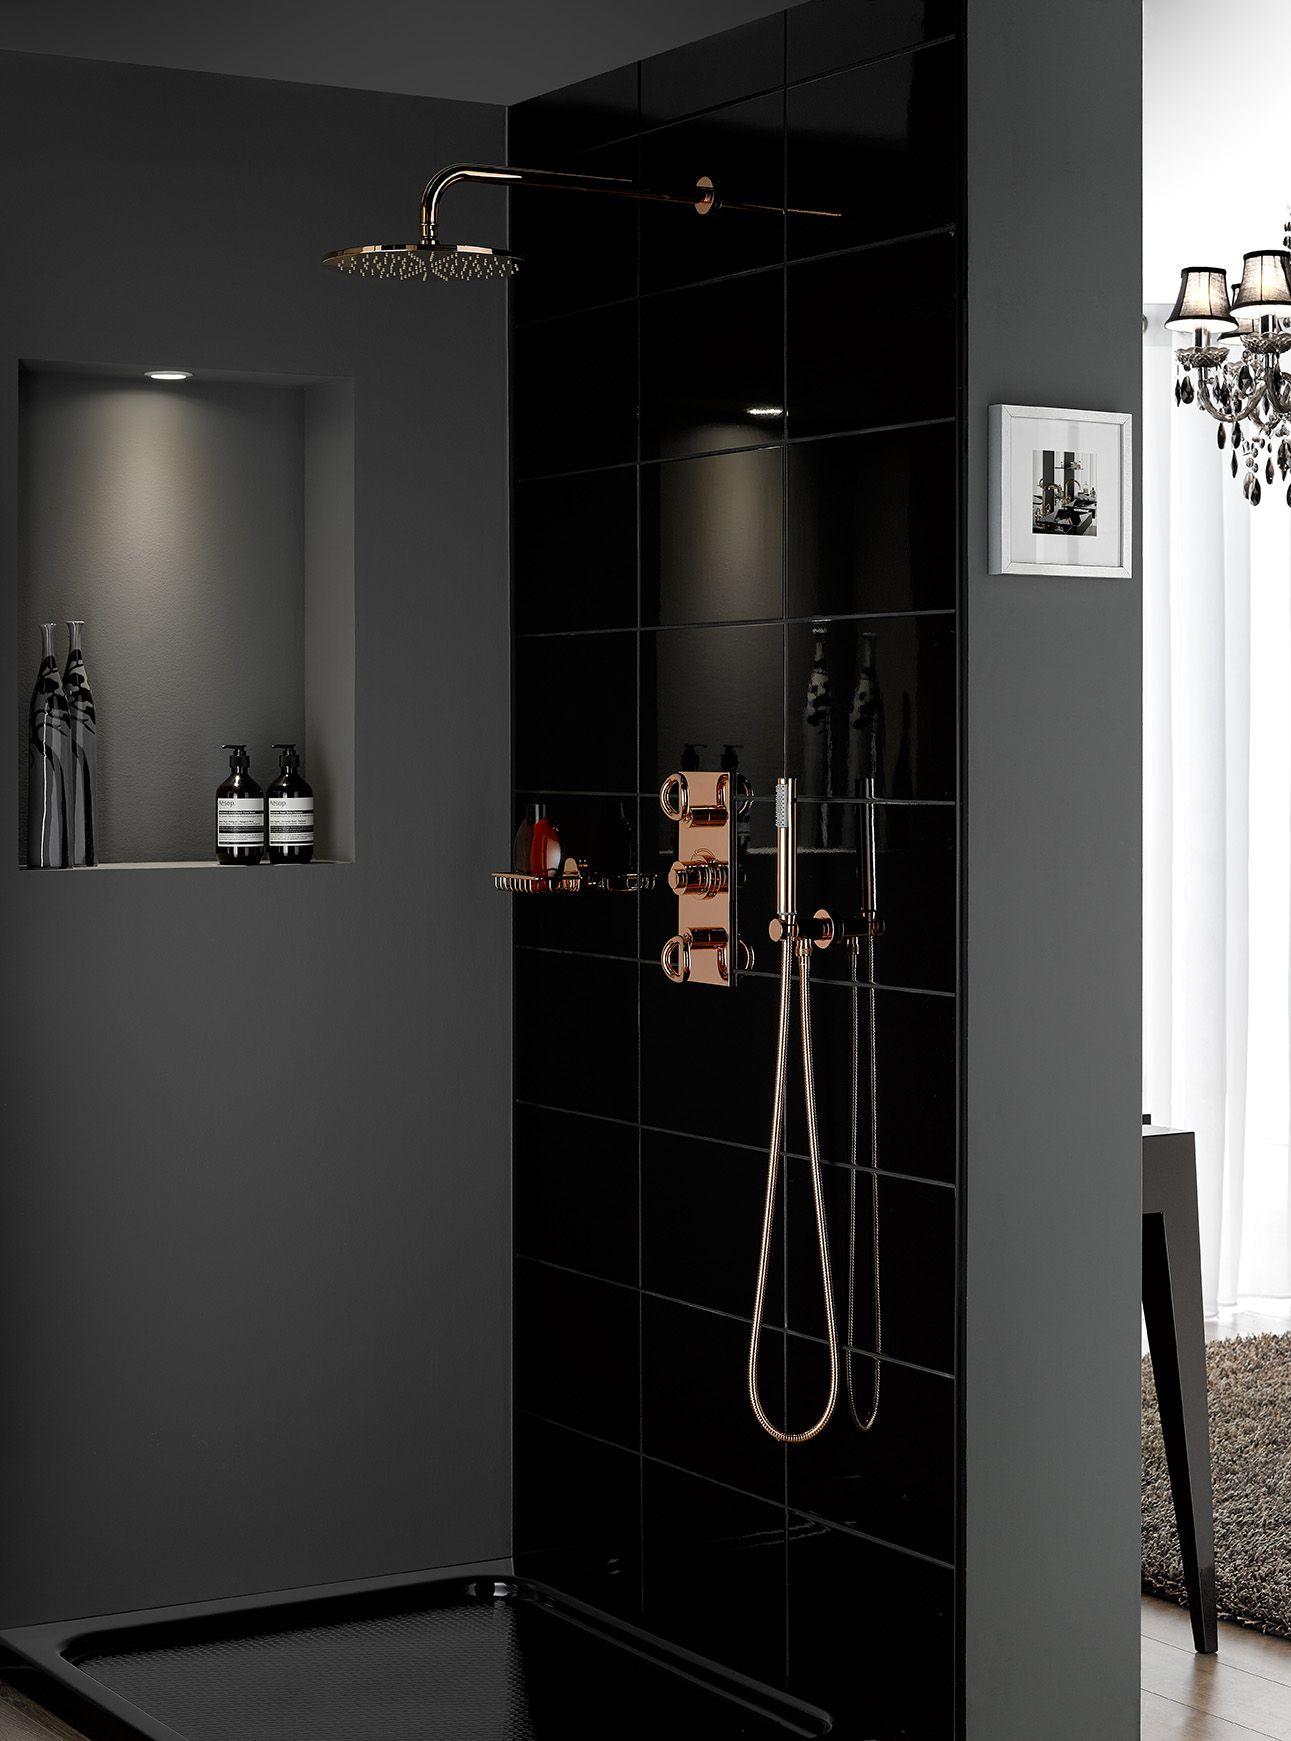 Studio Apartments Ideas For Interior Decoration